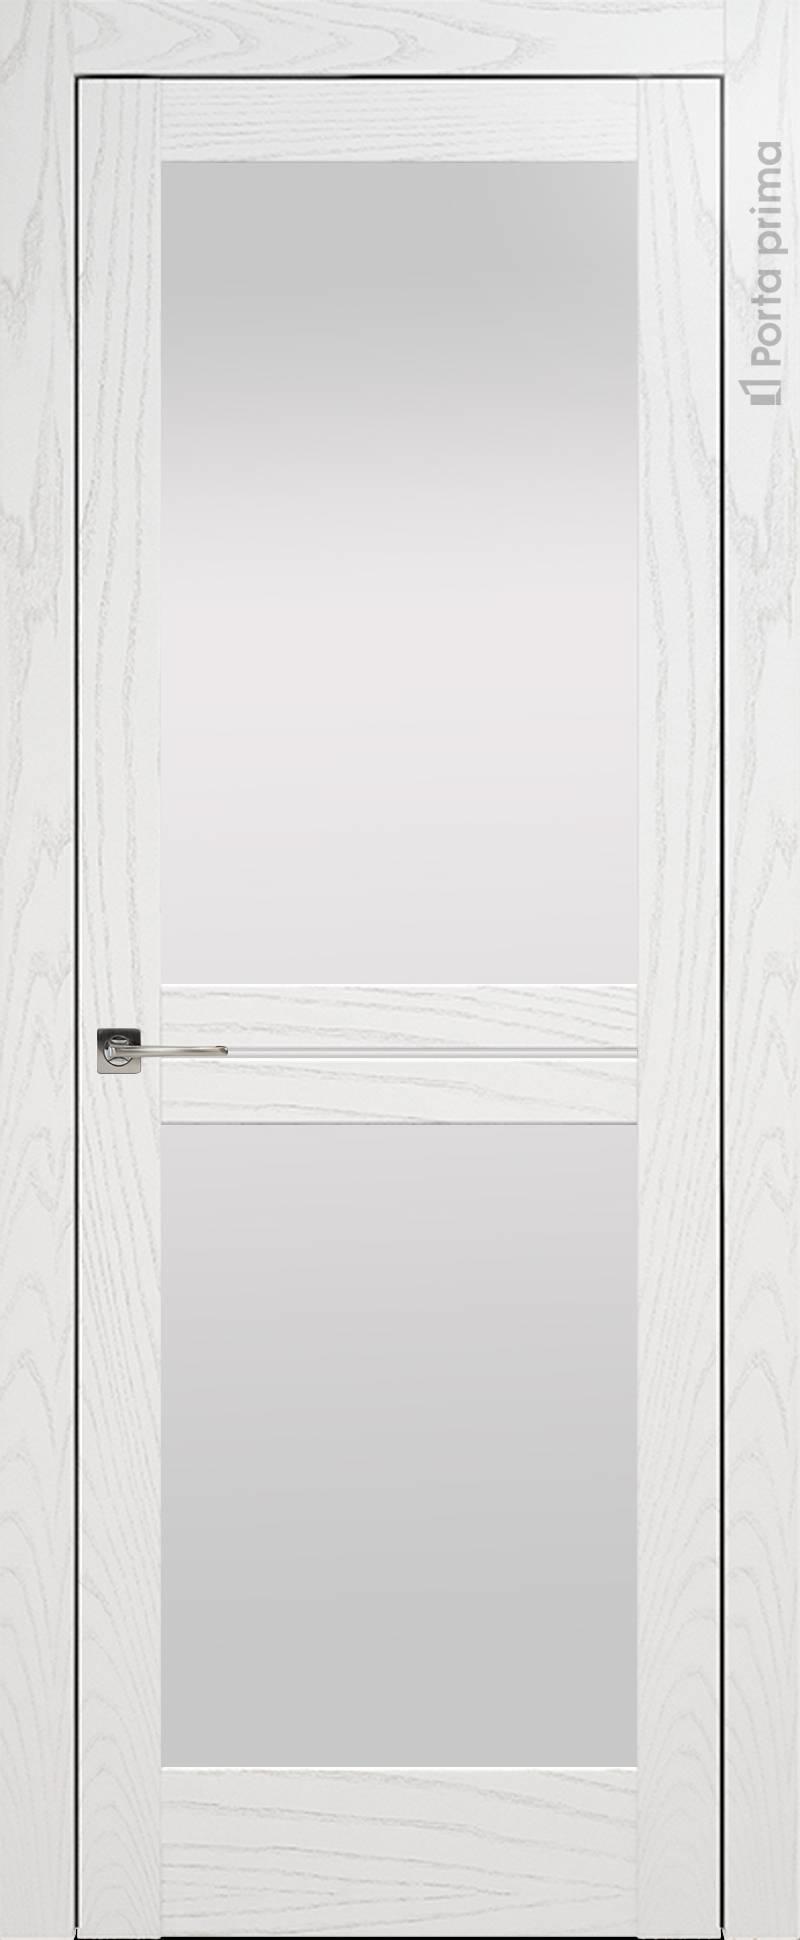 Elegante цвет - Белый ясень (шпон) Со стеклом (ДО)